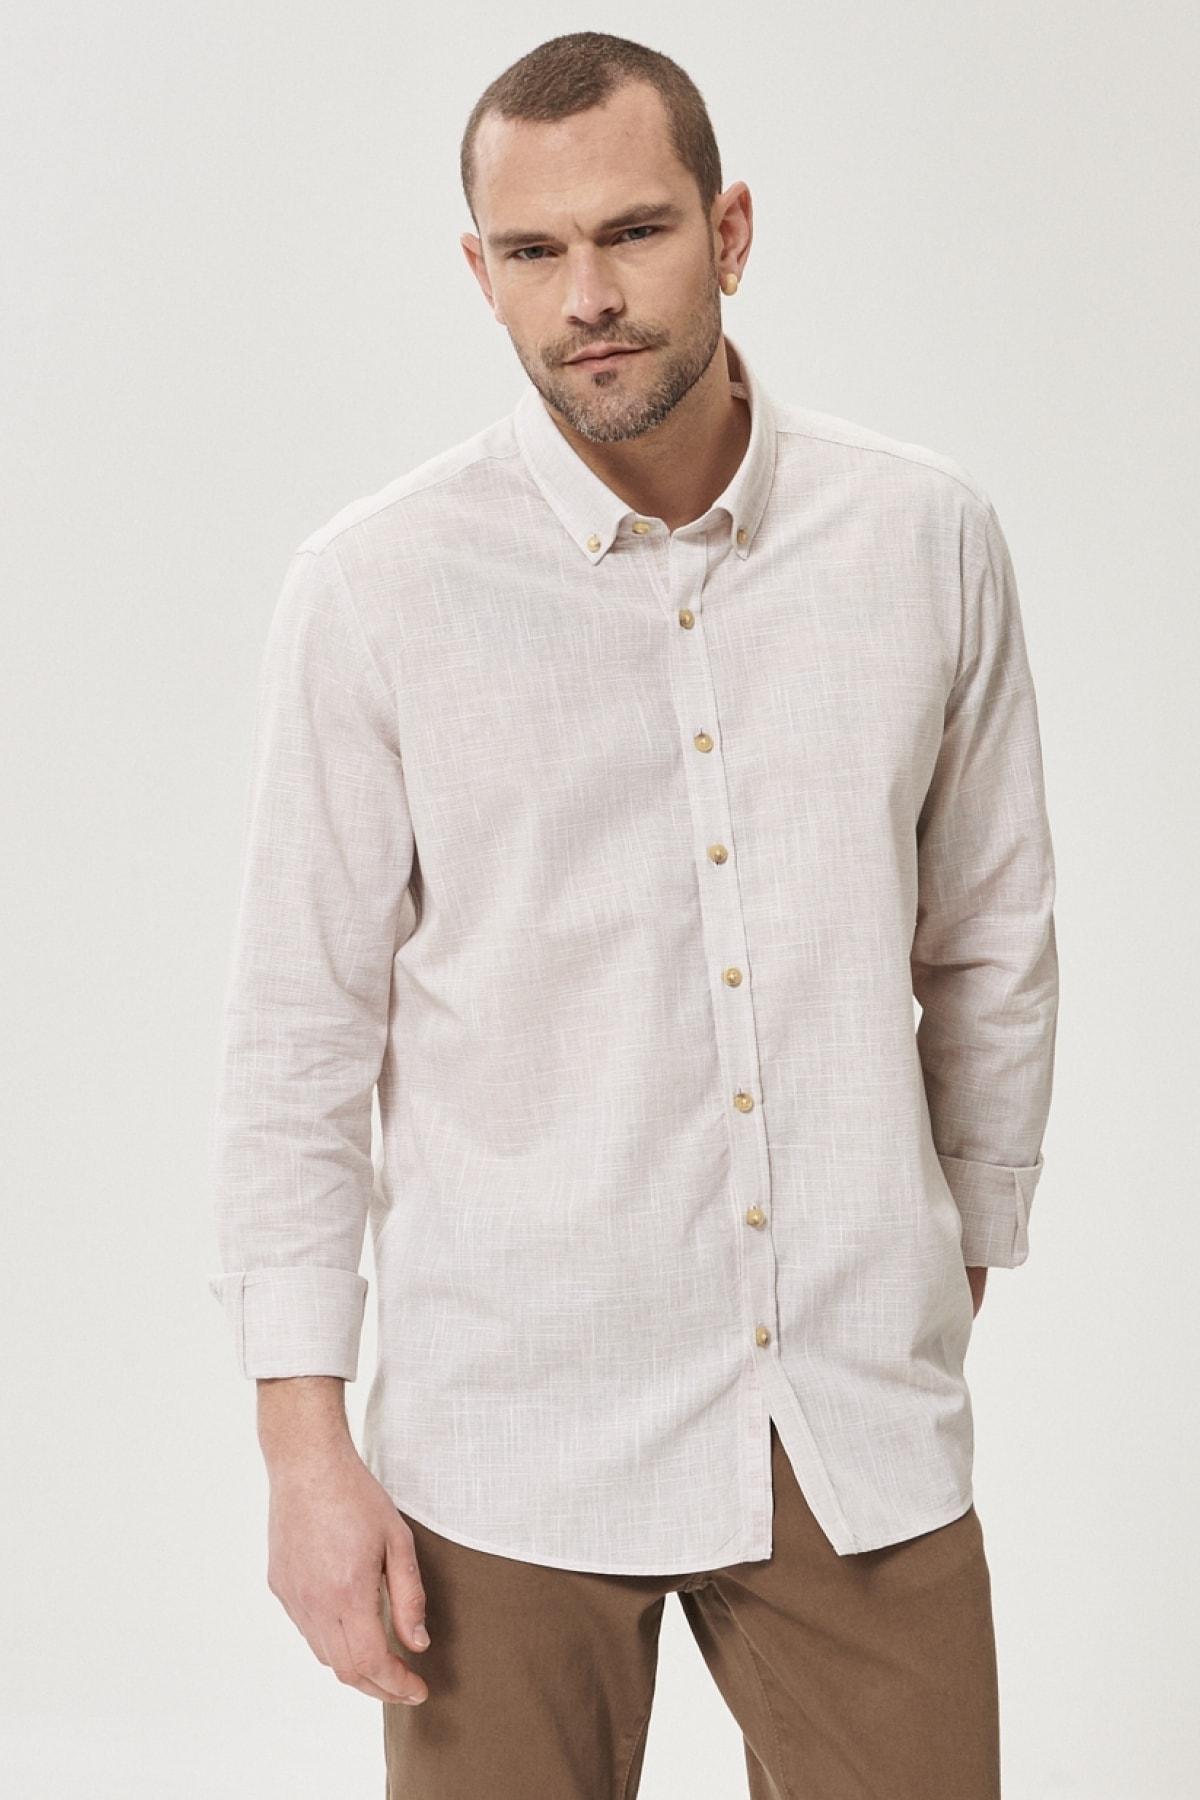 Erkek Bej Tailored Slim Fit Dar Kesim Düğmeli Yaka %100 Koton Gömlek